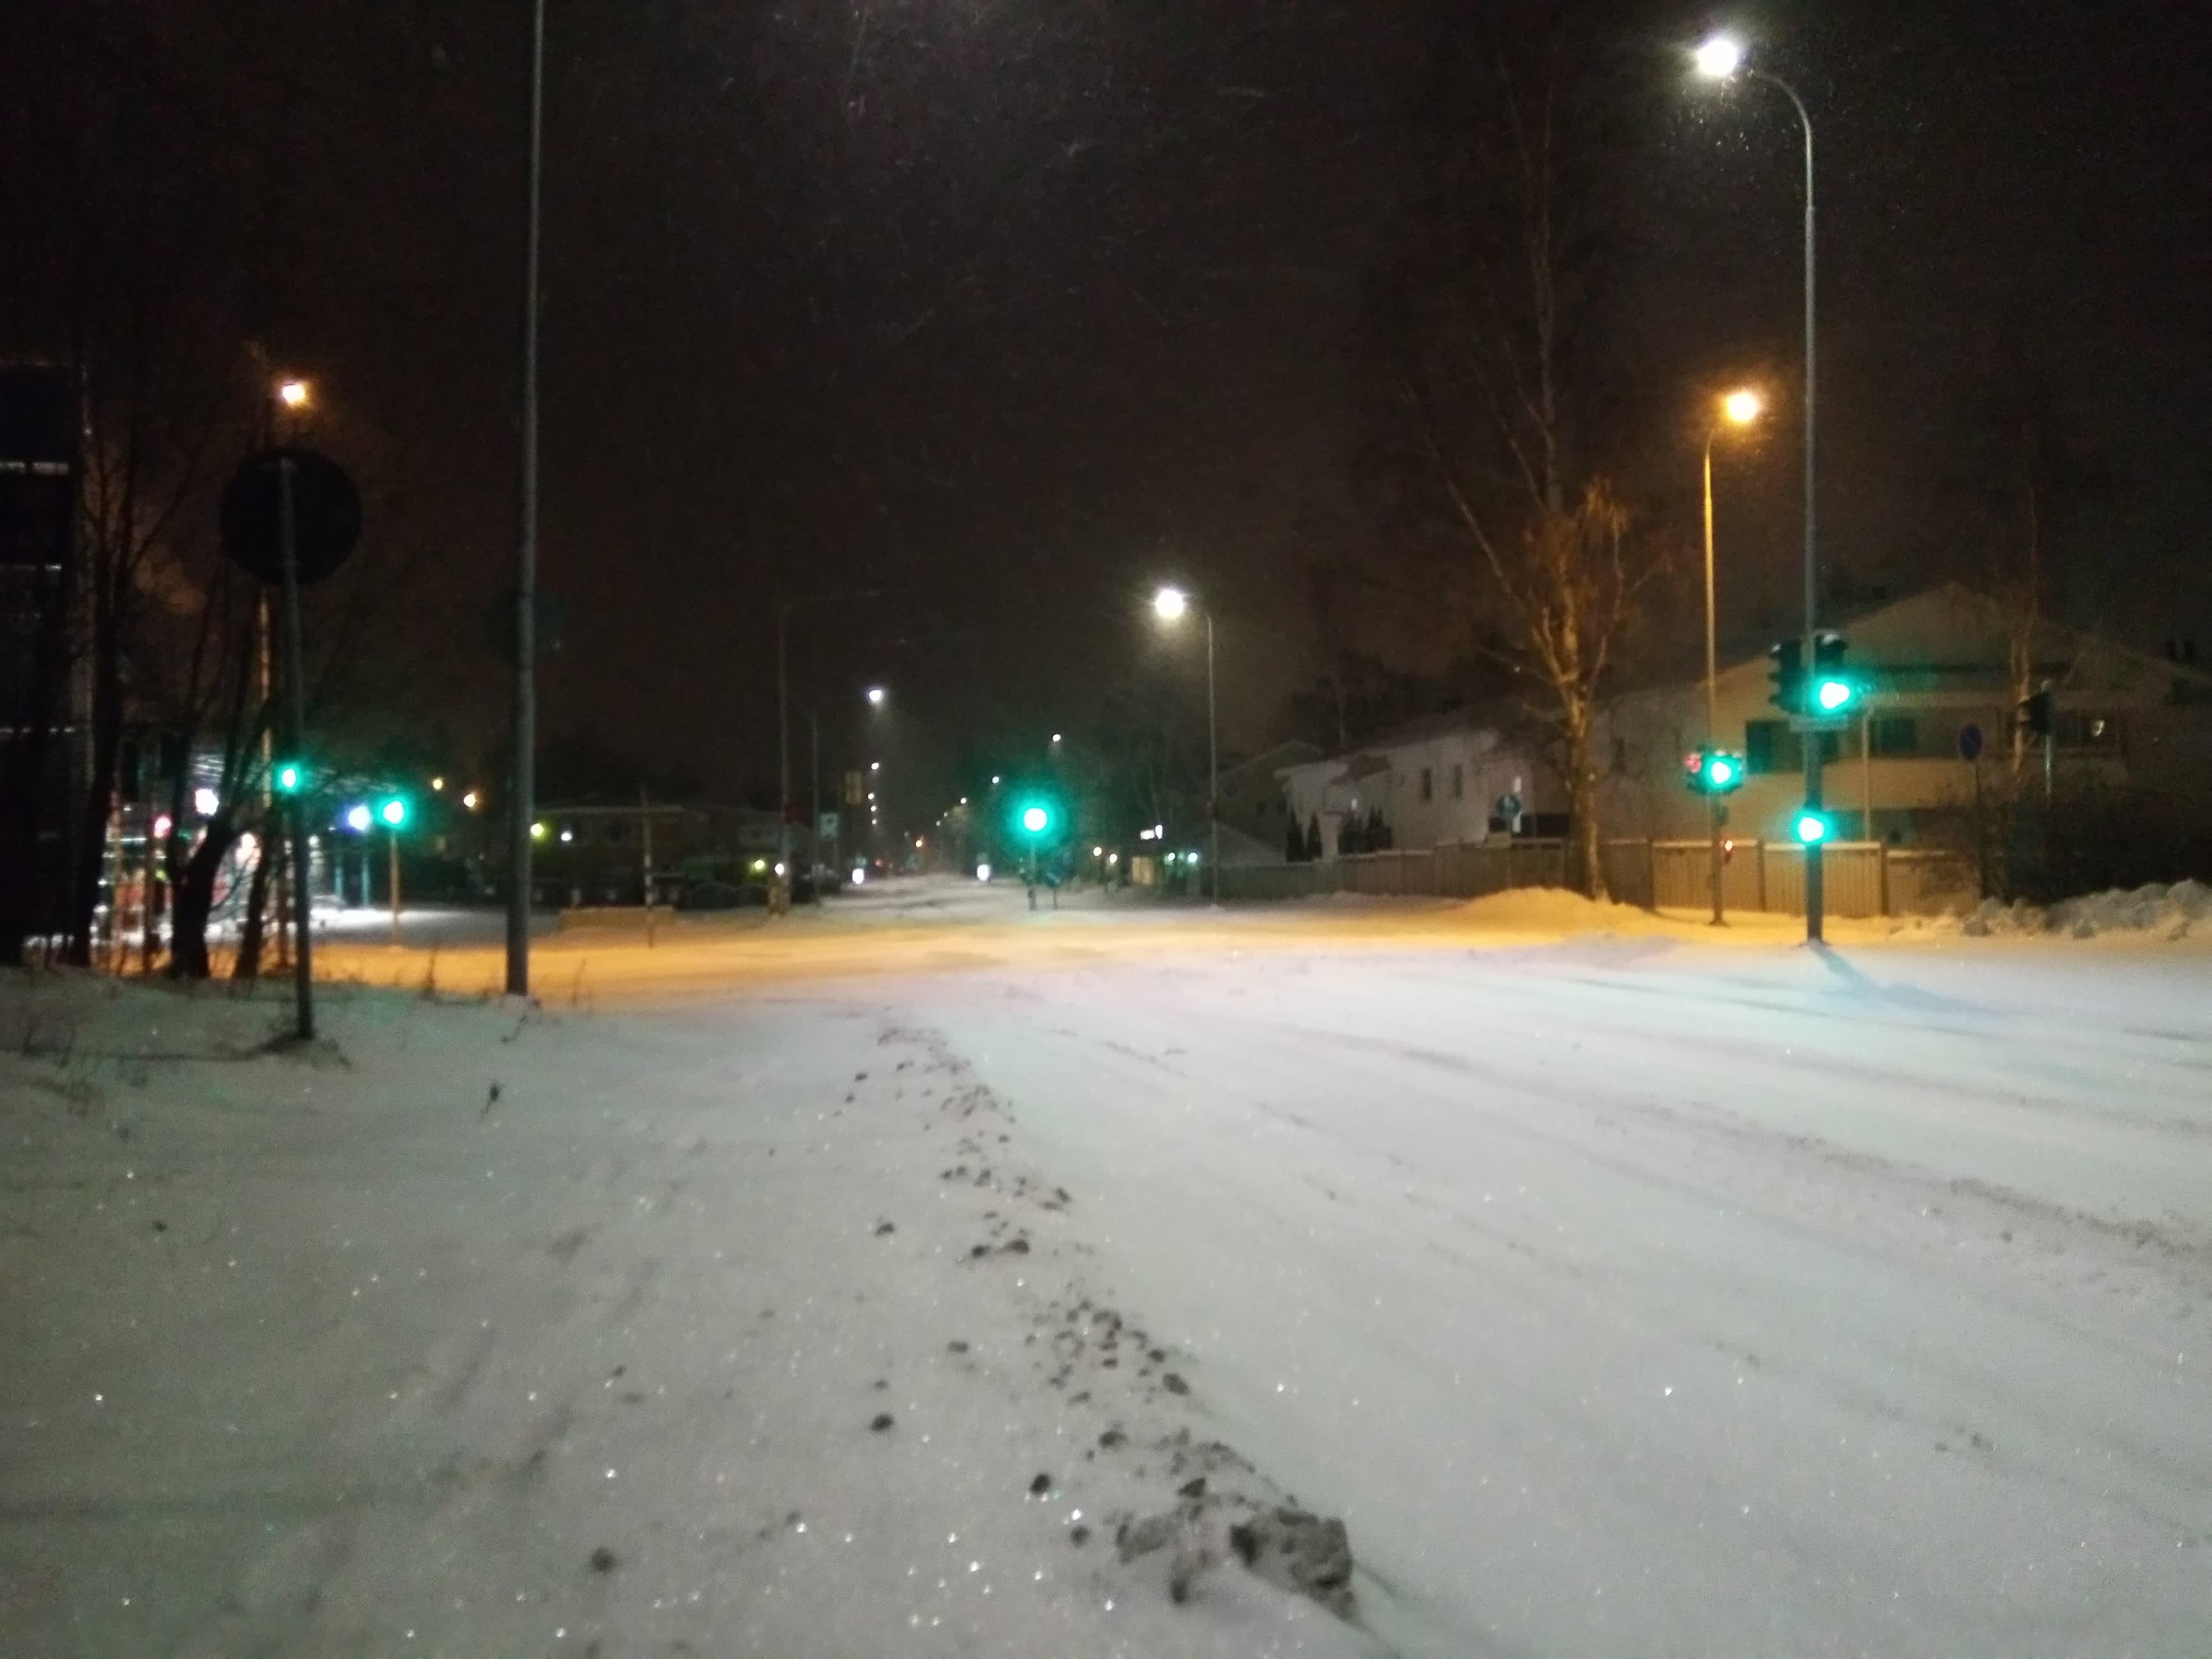 Aamuöinen lumisade on peittänyt kadut ja jalkakäytävät. Auraajia odotetaan vielä.